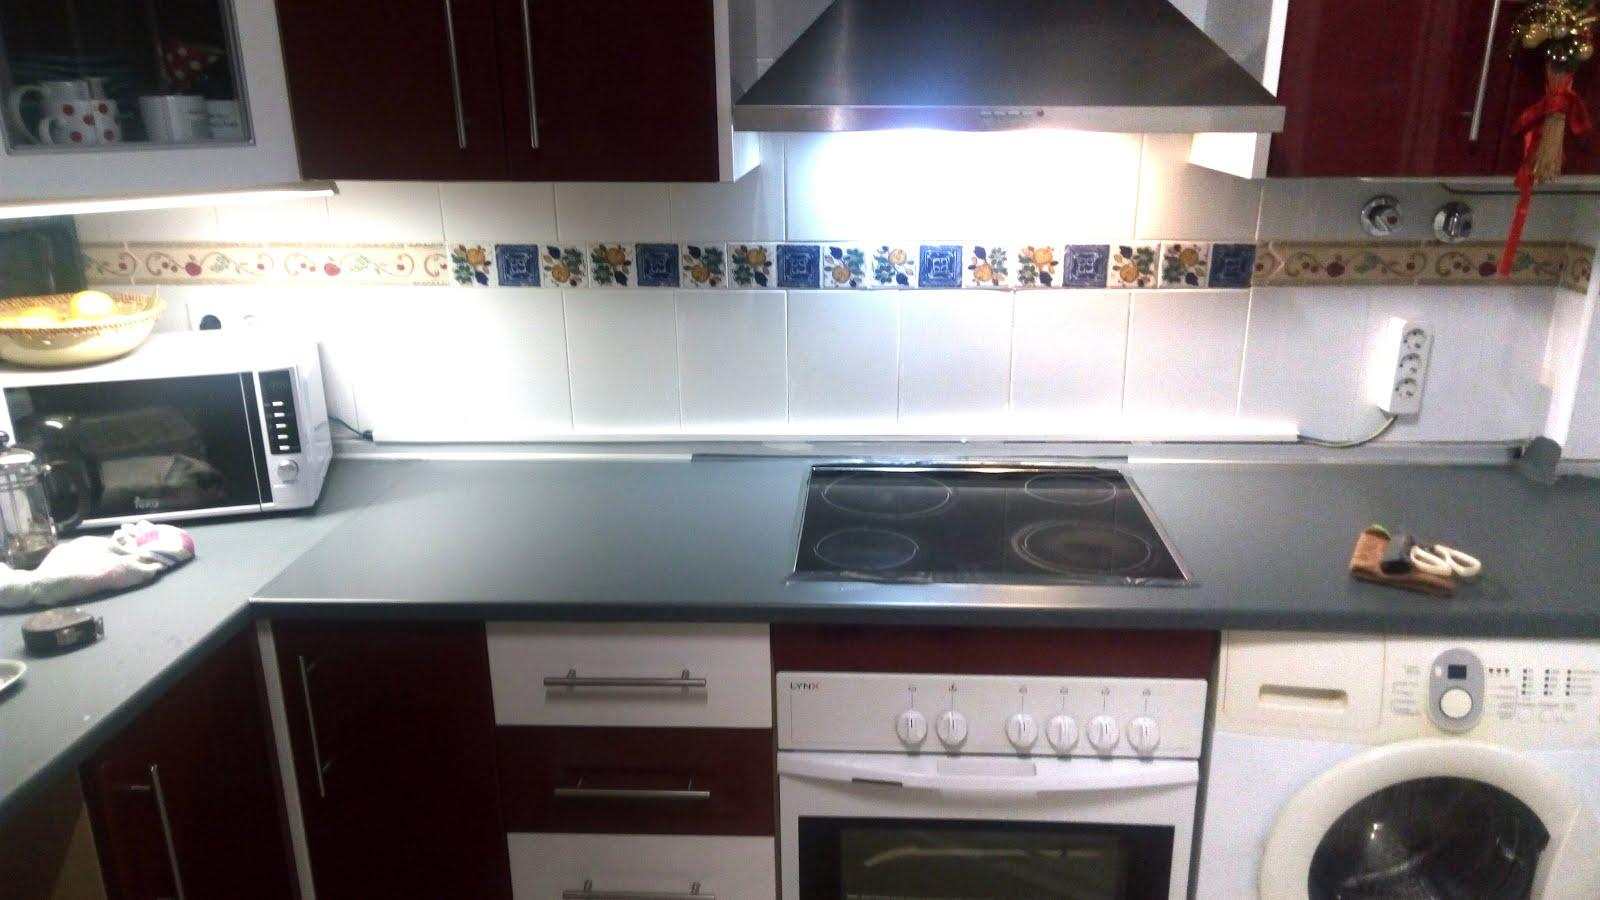 Renueva la encimera de tu cocina for Coste cocina nueva